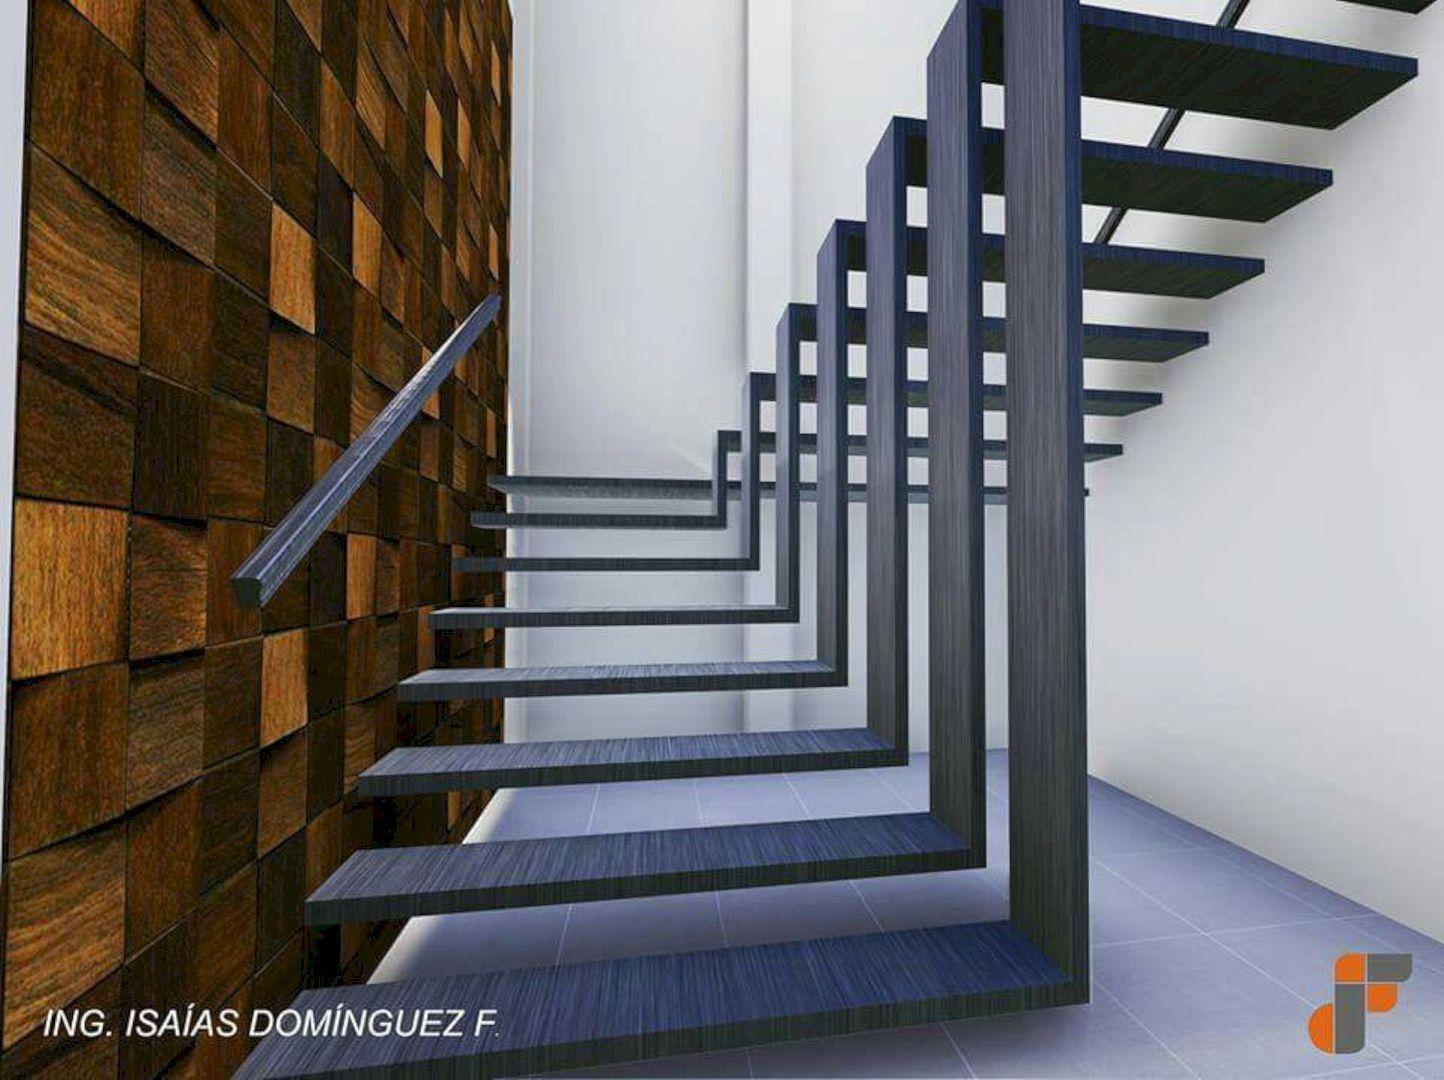 63 Impressive Staircase Design Ideas | Gorgeous Interior ...